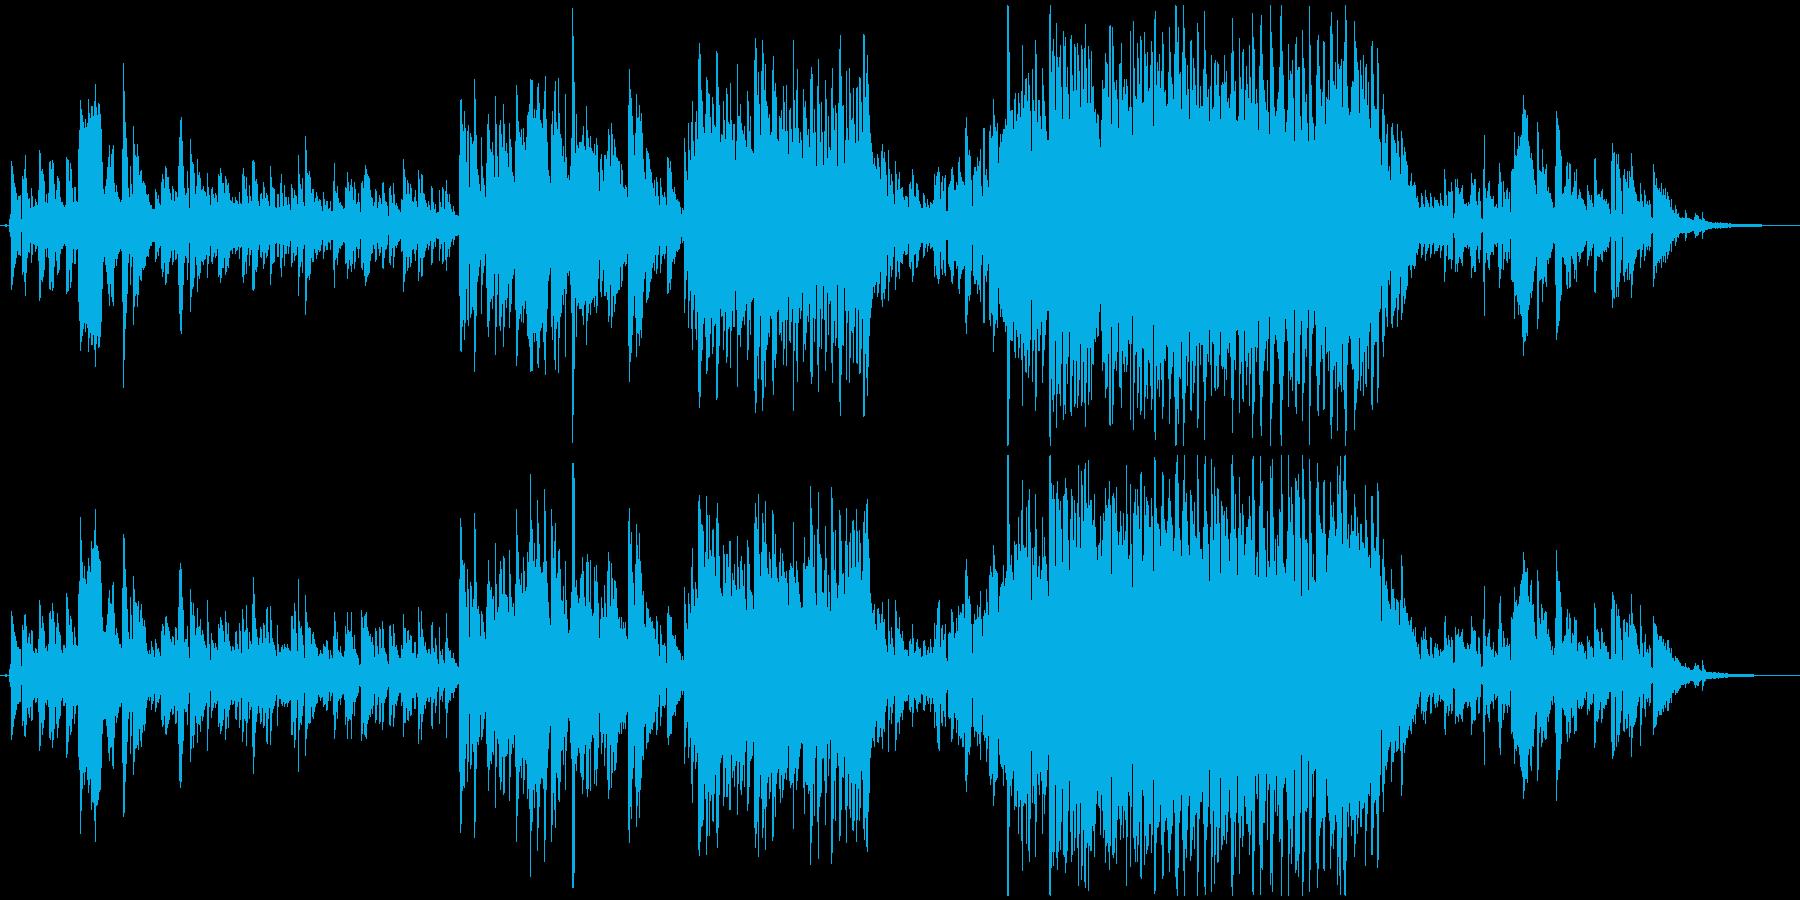 戦争廃止をピアノと英語の歌で奏で訴えるの再生済みの波形